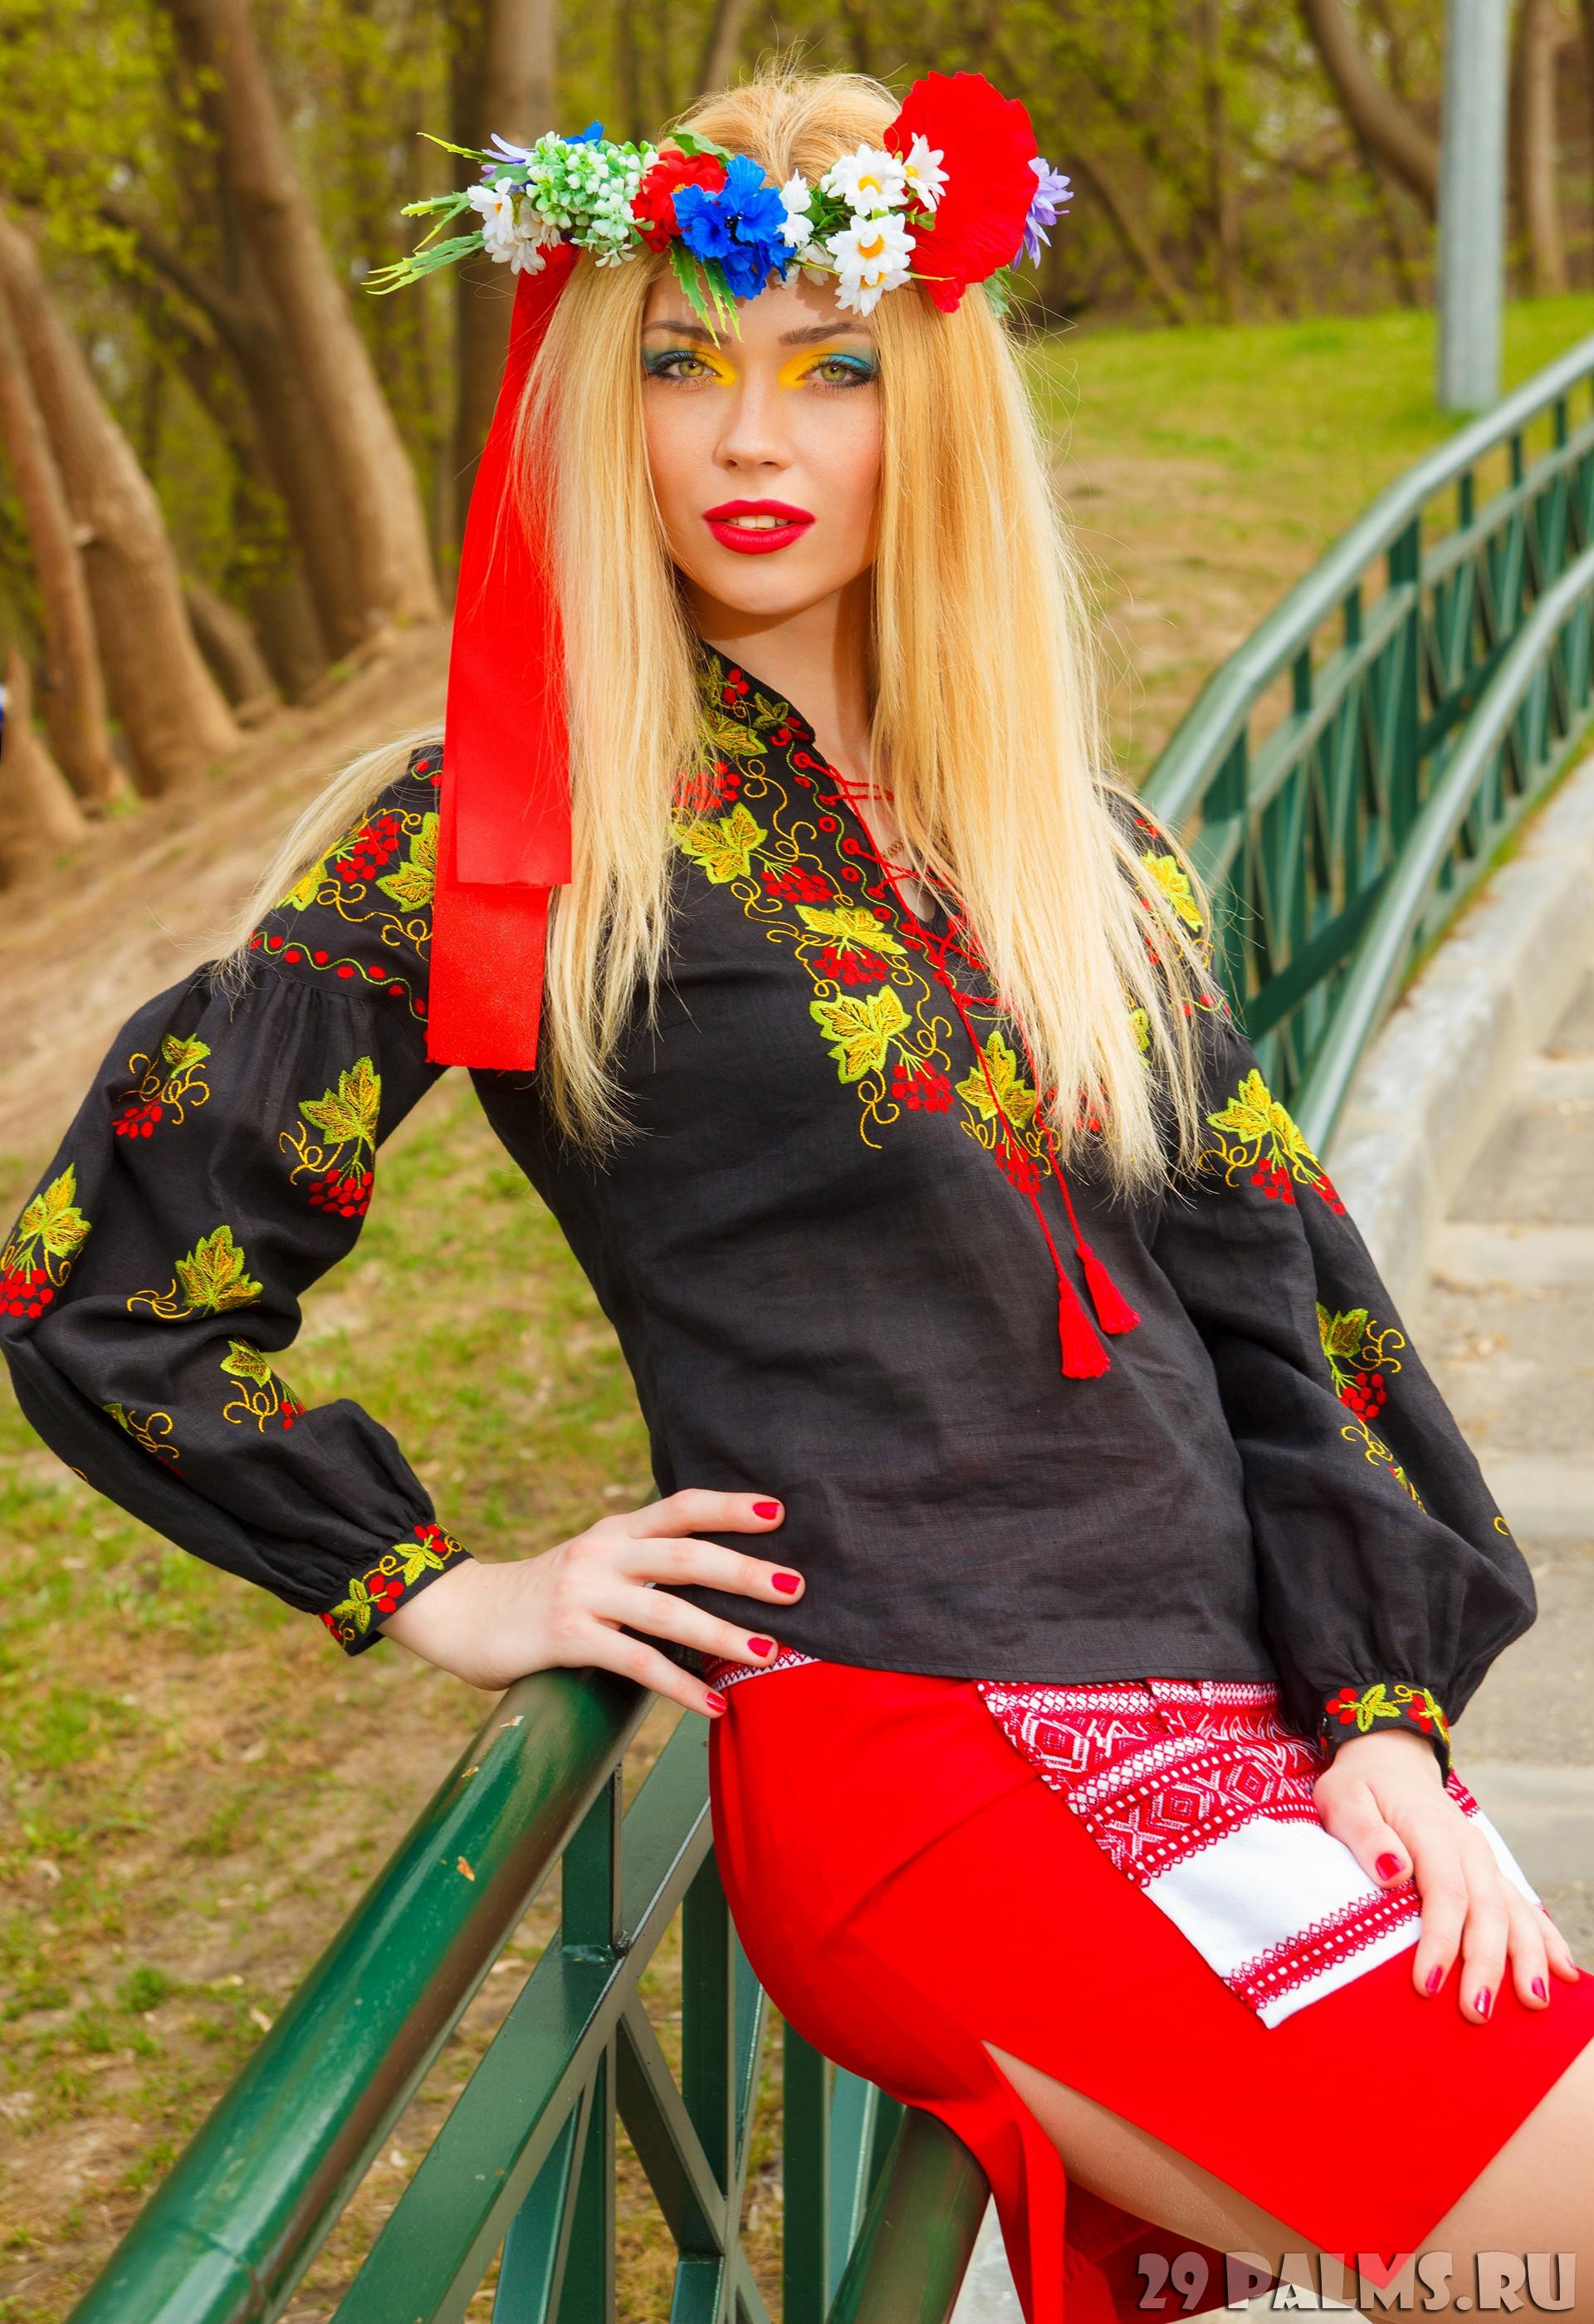 Фото девушек украинок красивых 29 фотография